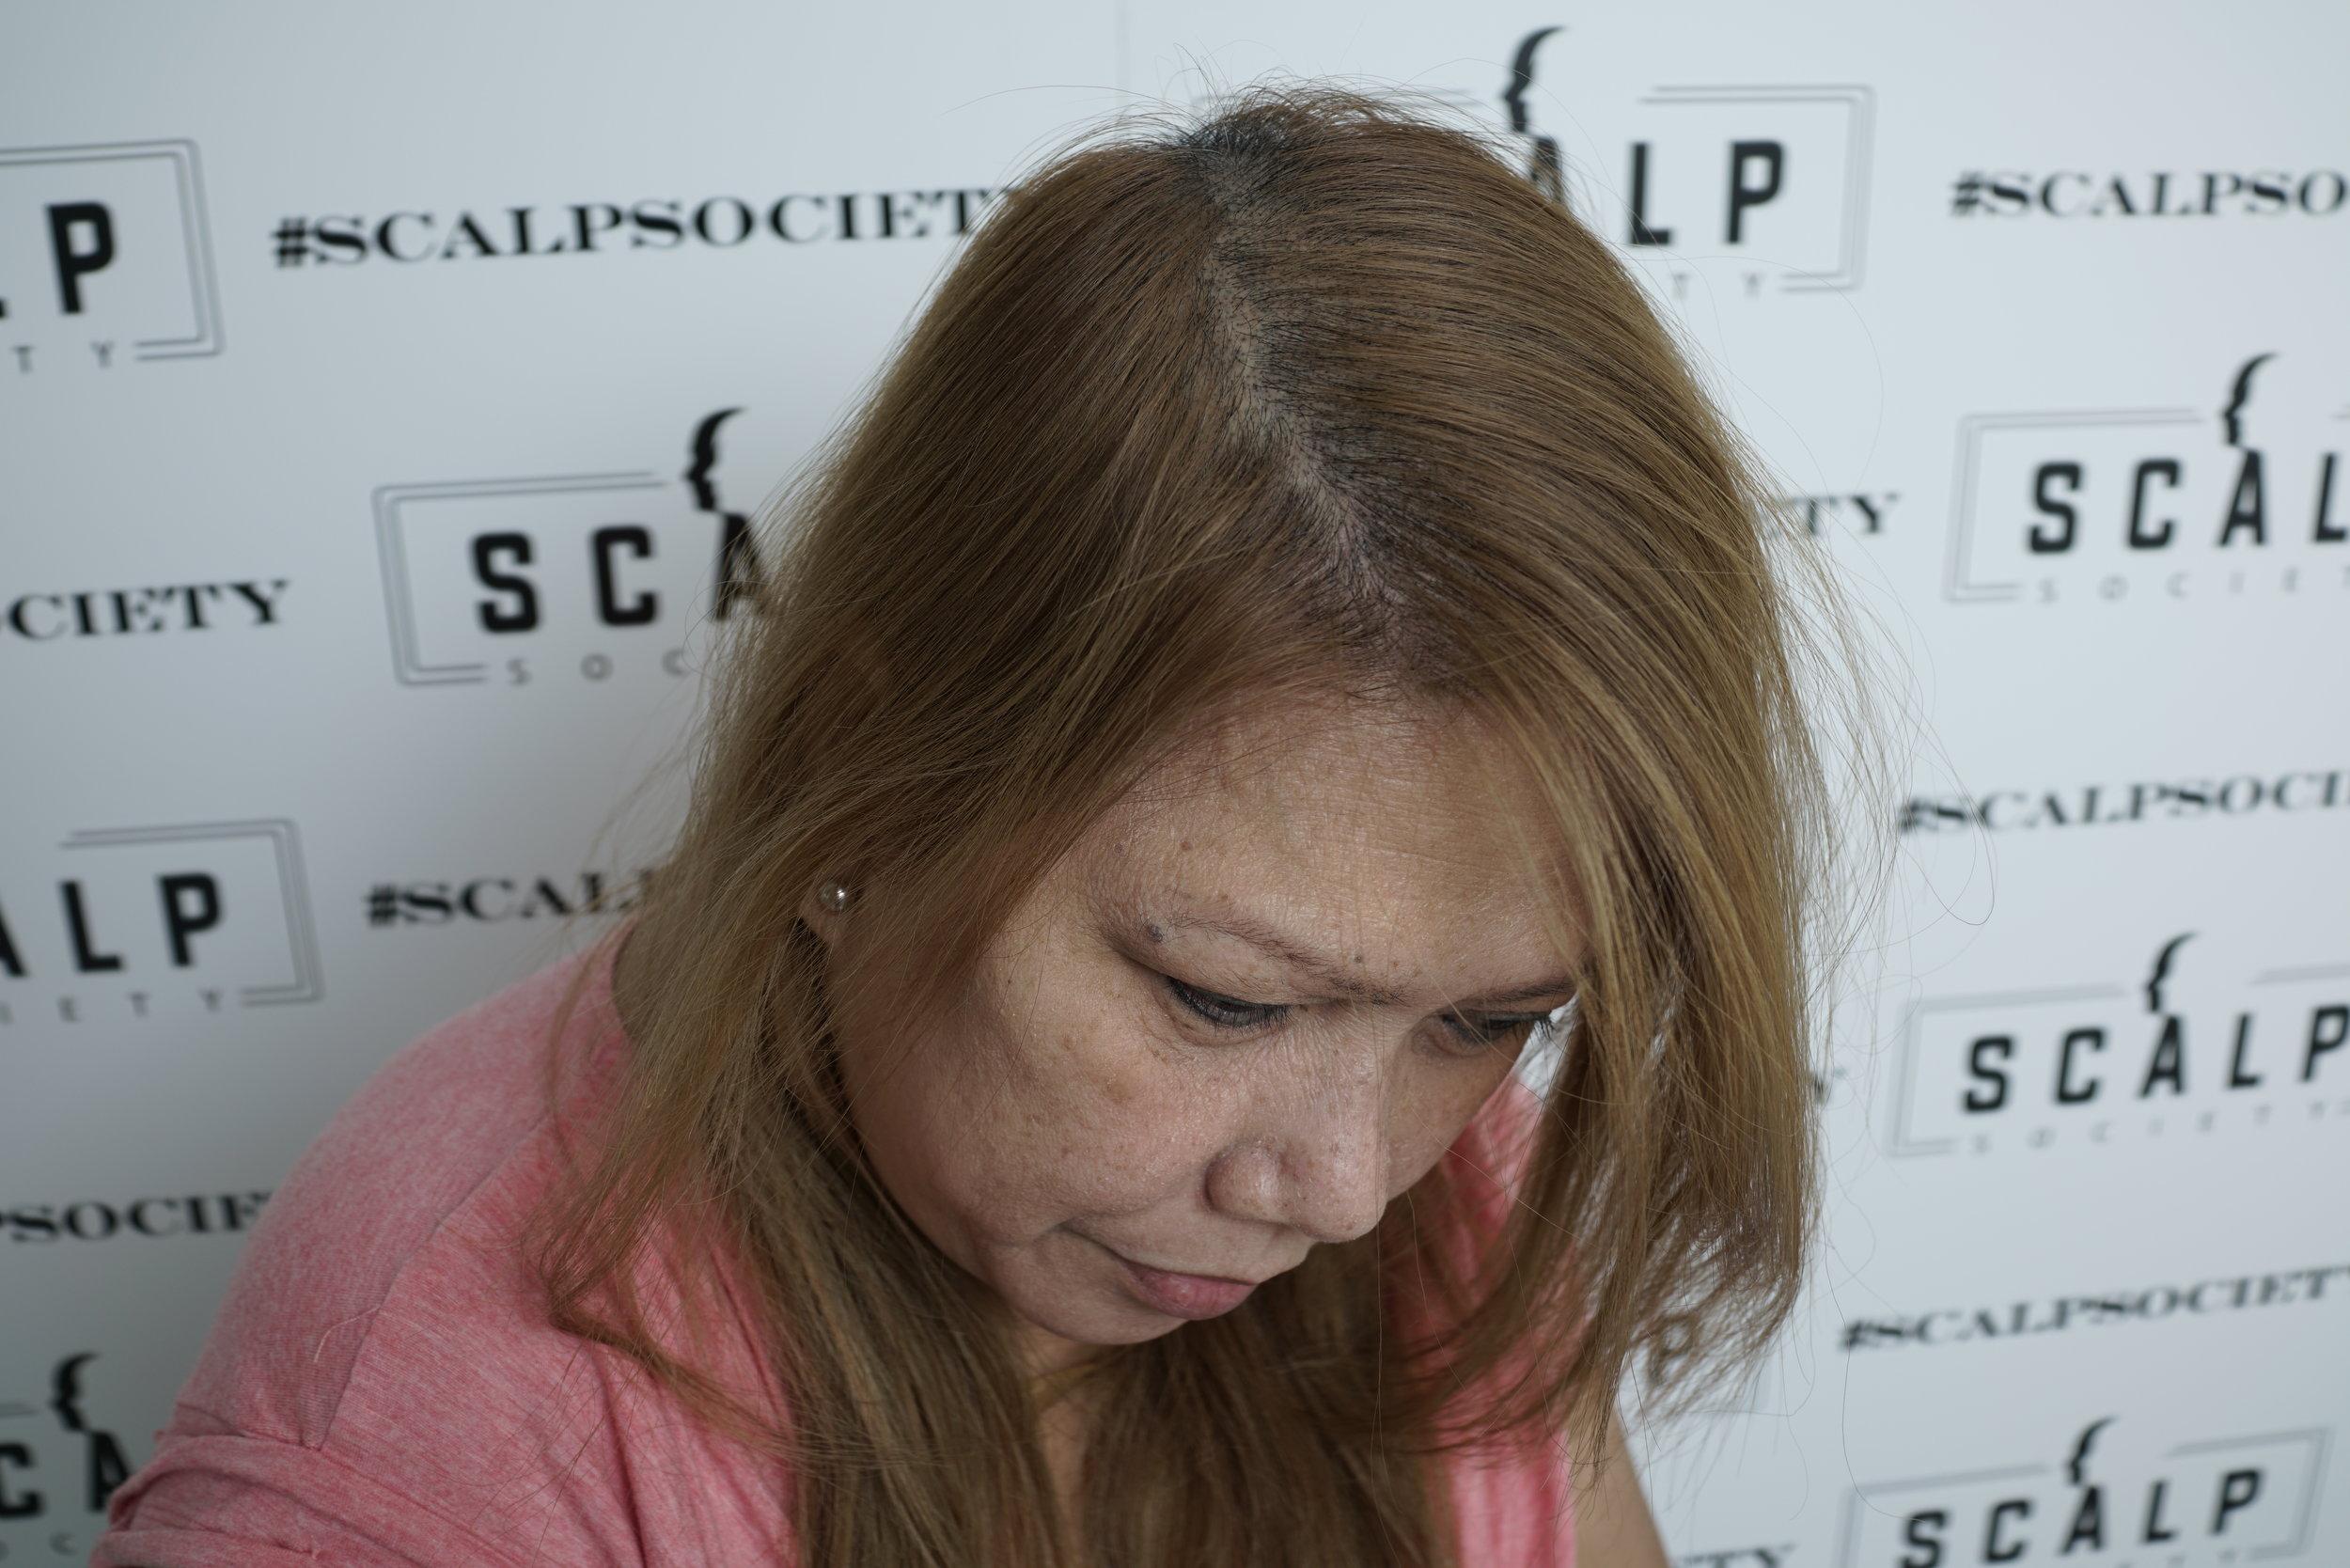 hair-denisty-woman.JPG